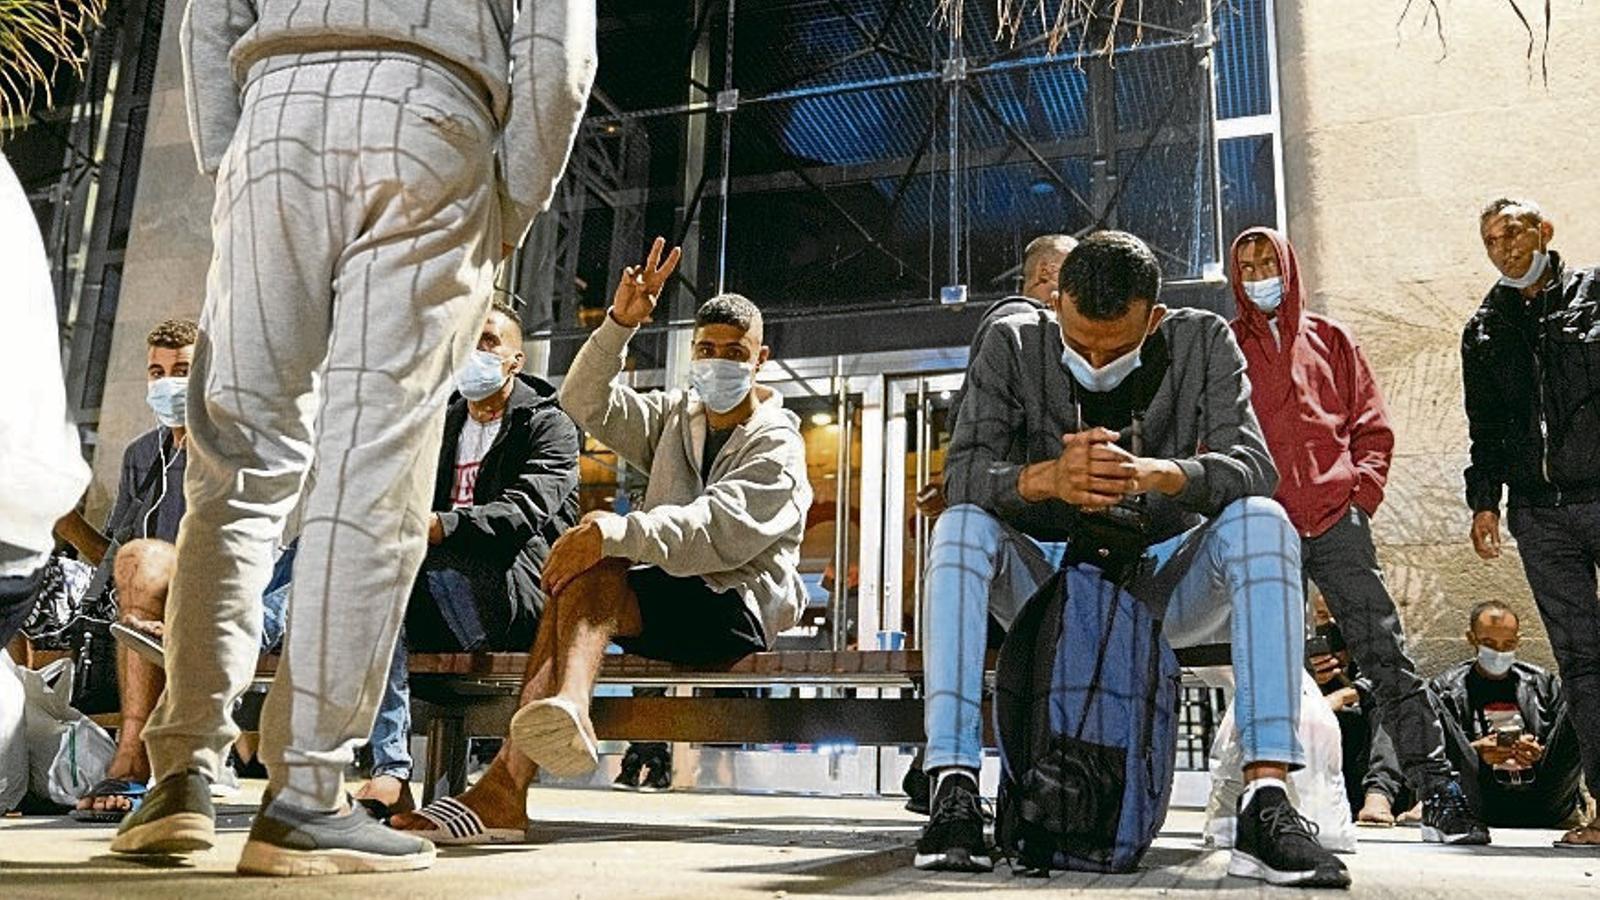 """Manuel Capa, mariner de Salvament Marítim: """"Estem assistint nàufrags que porten vuit dies de travessia al mar"""""""